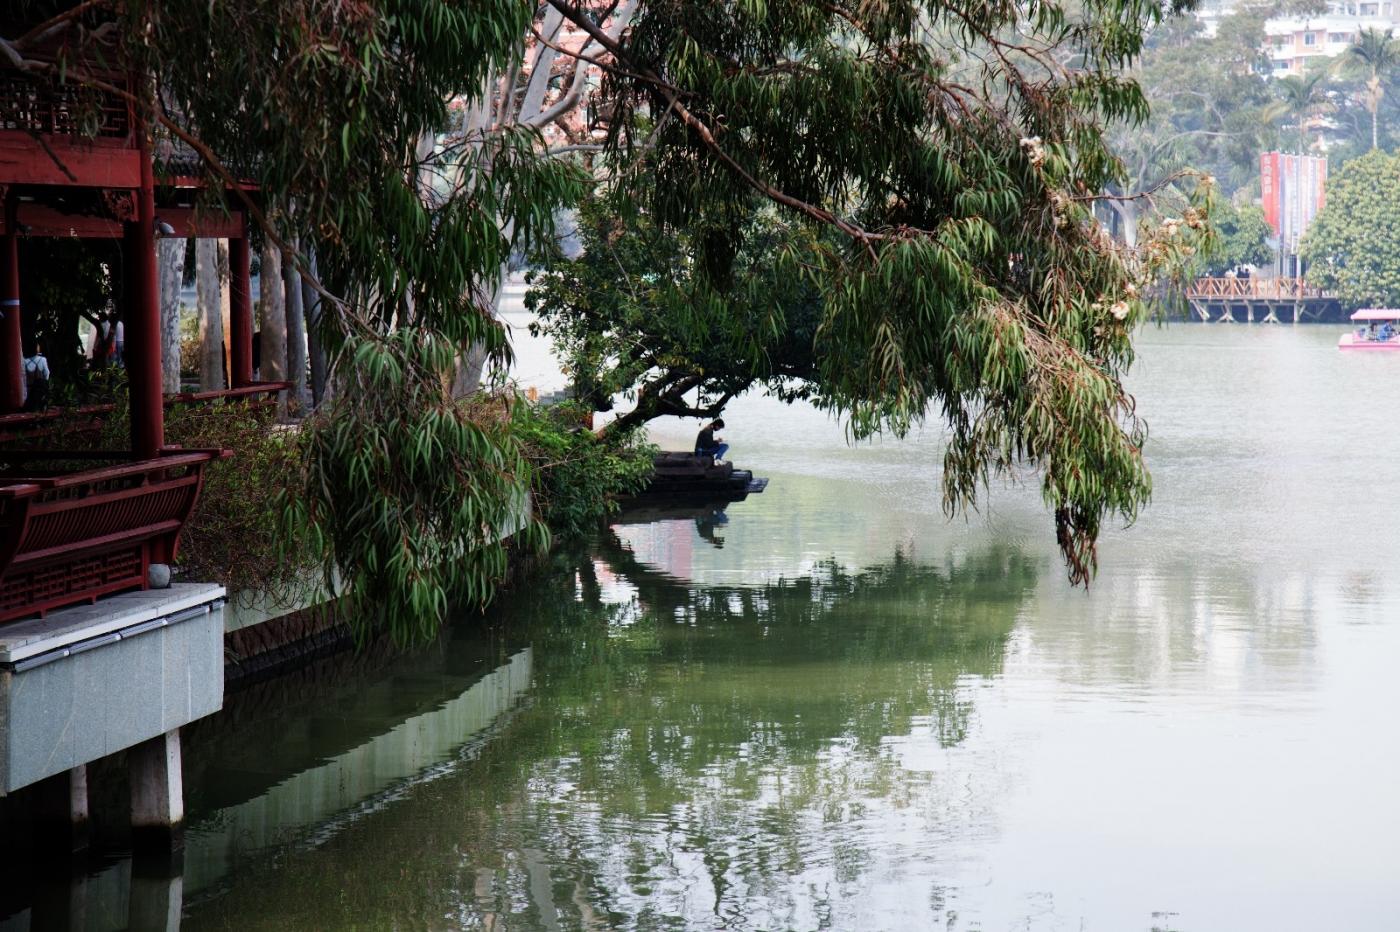 福州西湖公园,美景如画,赏心悦目,流连忘返_图1-20